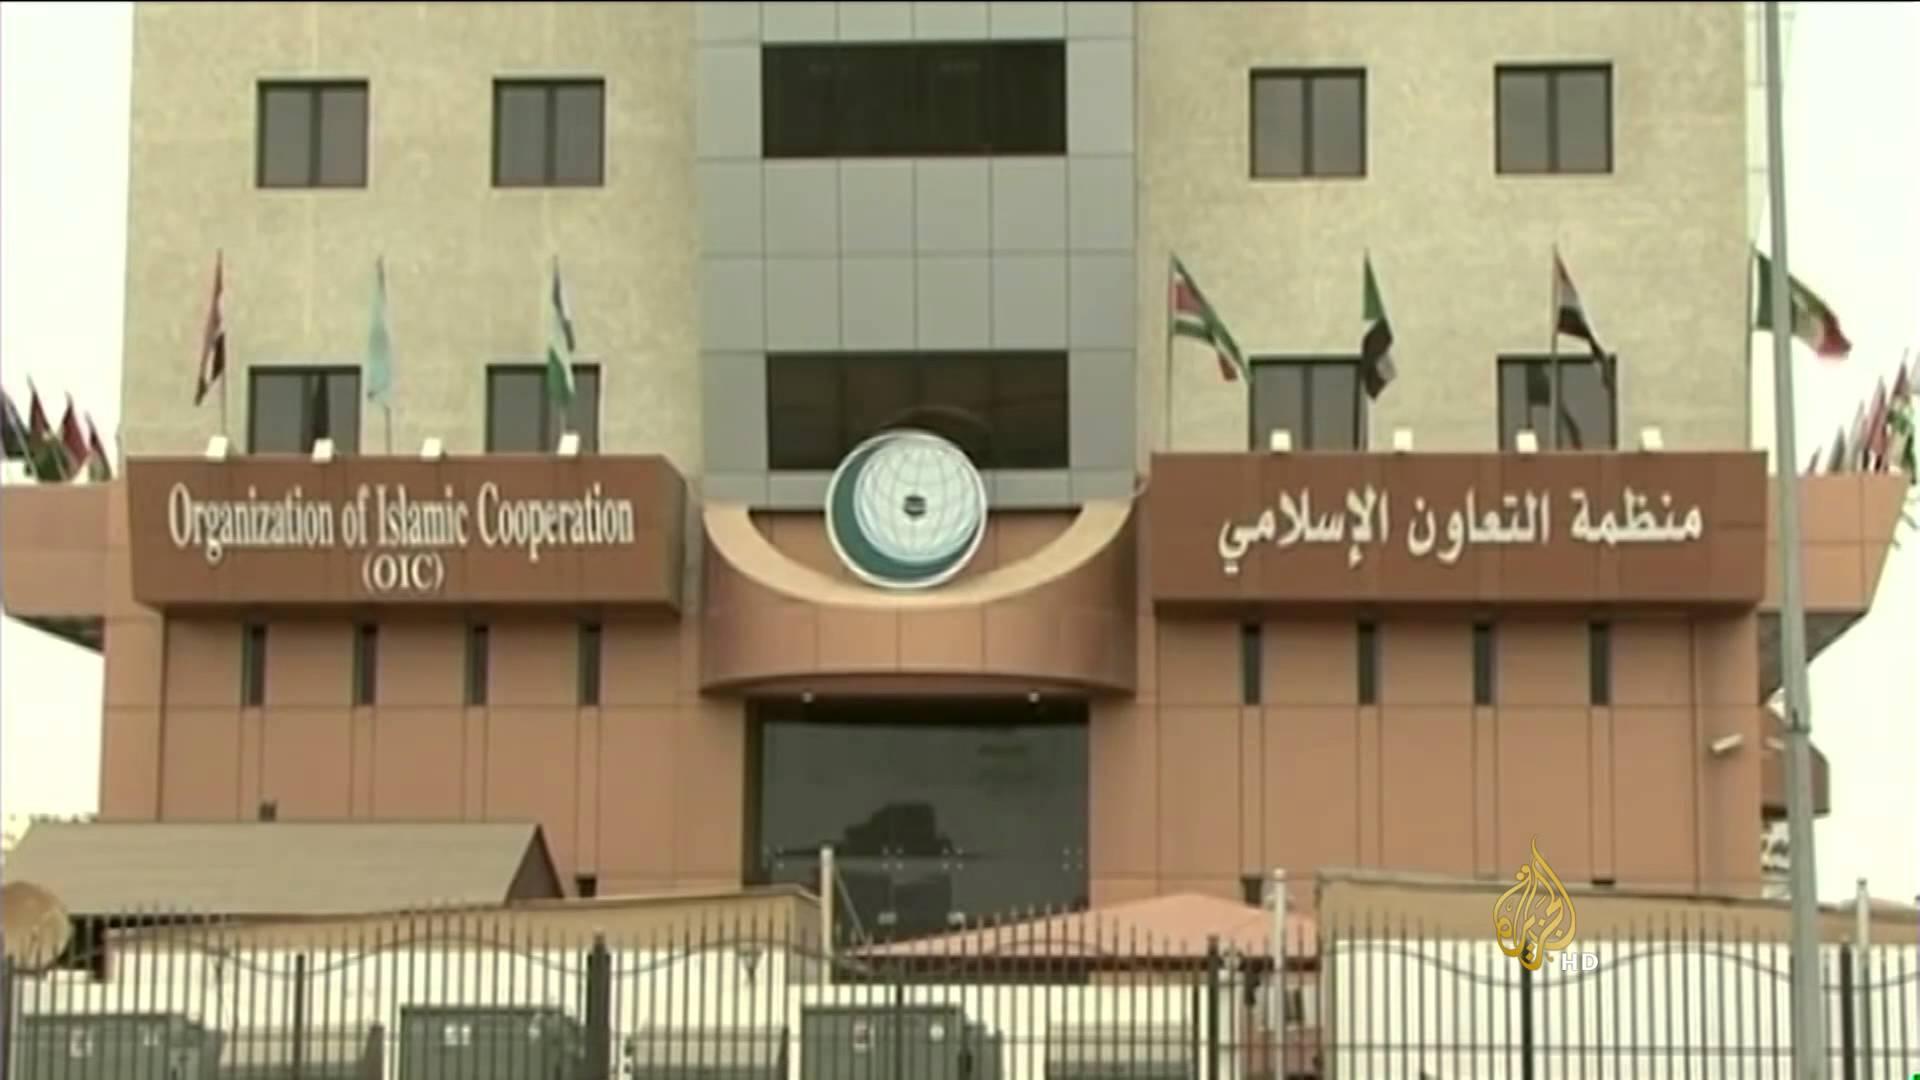 مبنى-منظمة-التعاون-الإسلامي